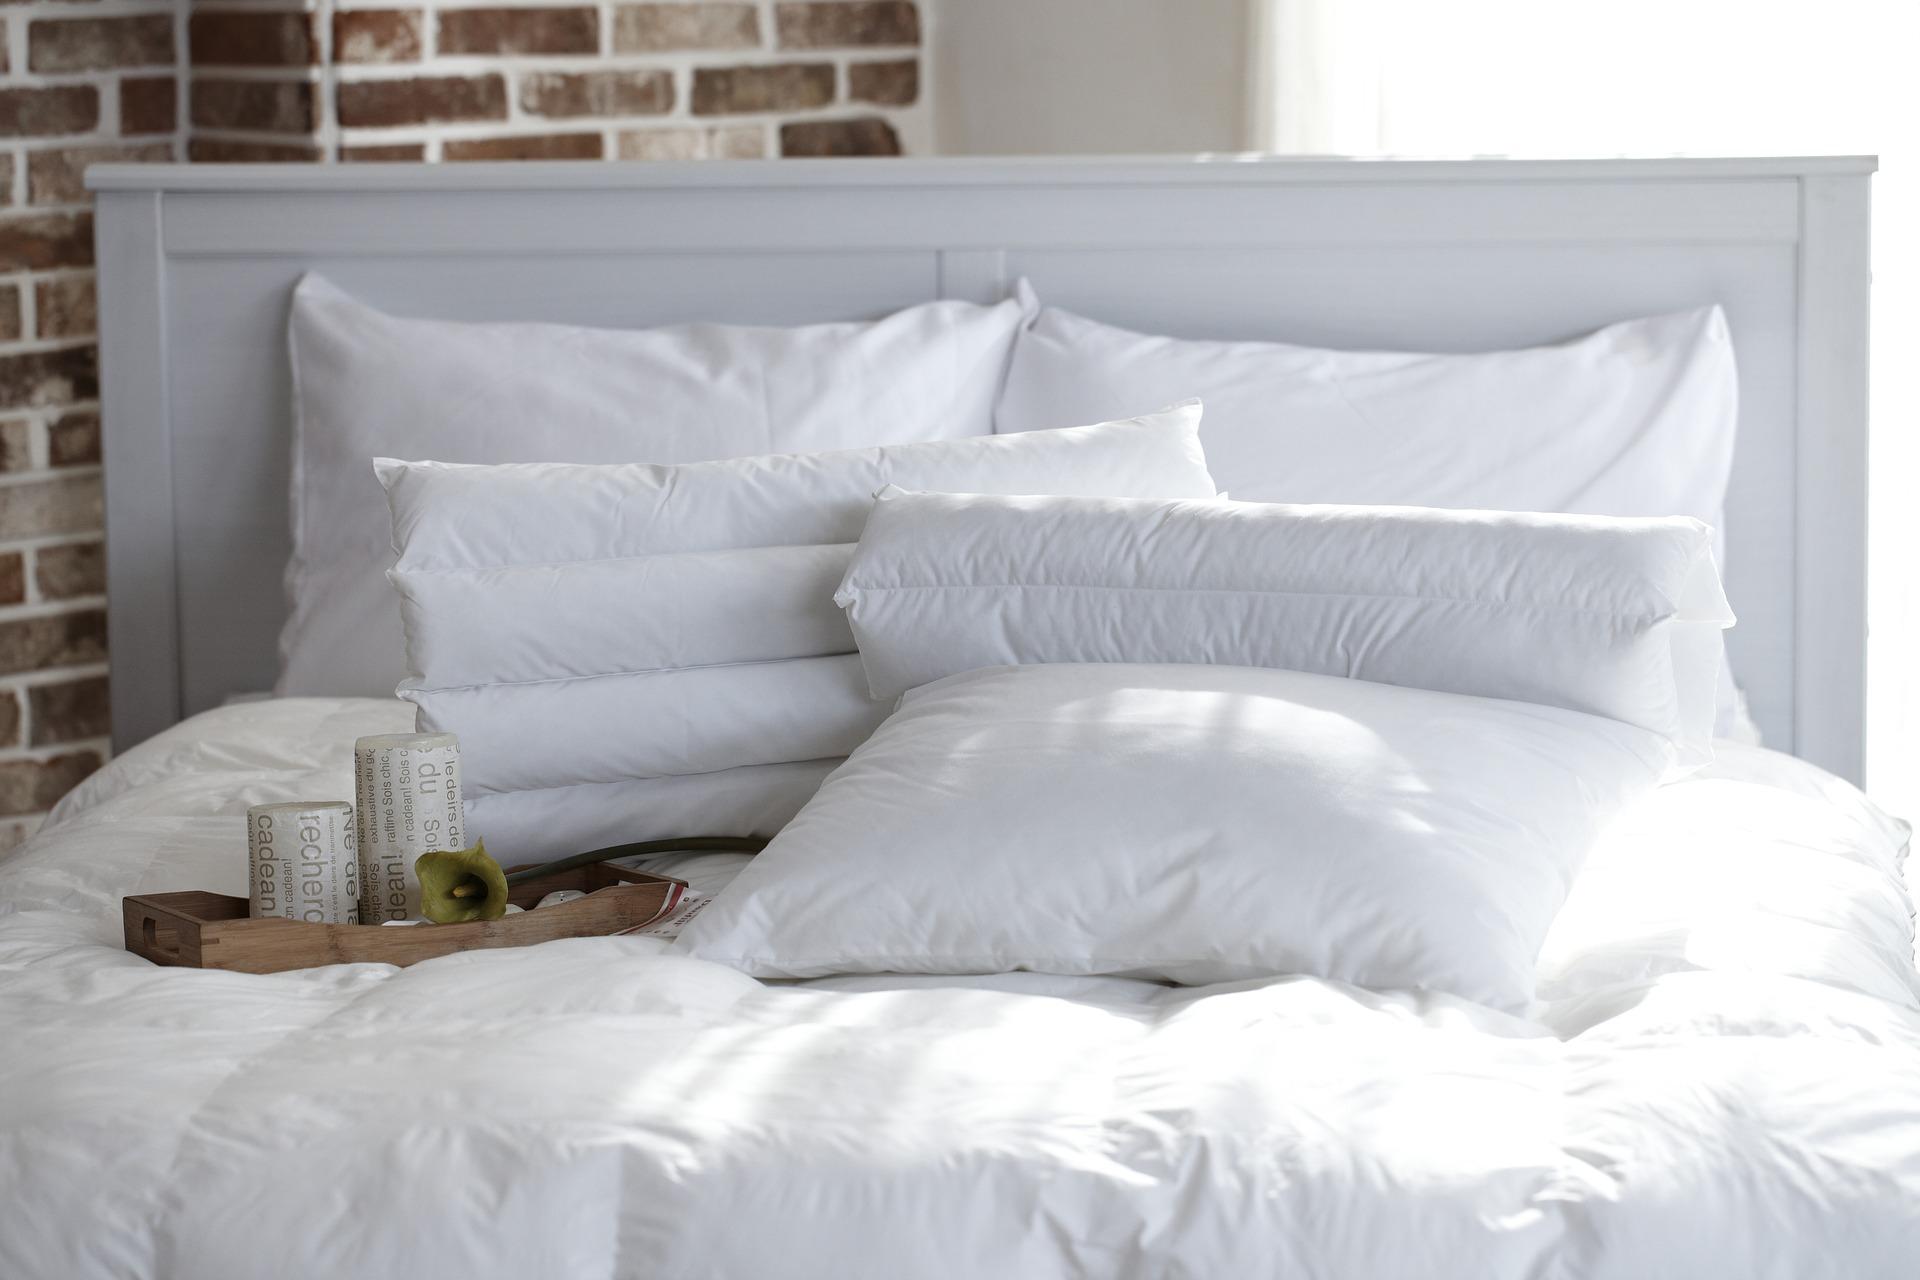 ¿Almohadas de turmalina para mejorar la salud?